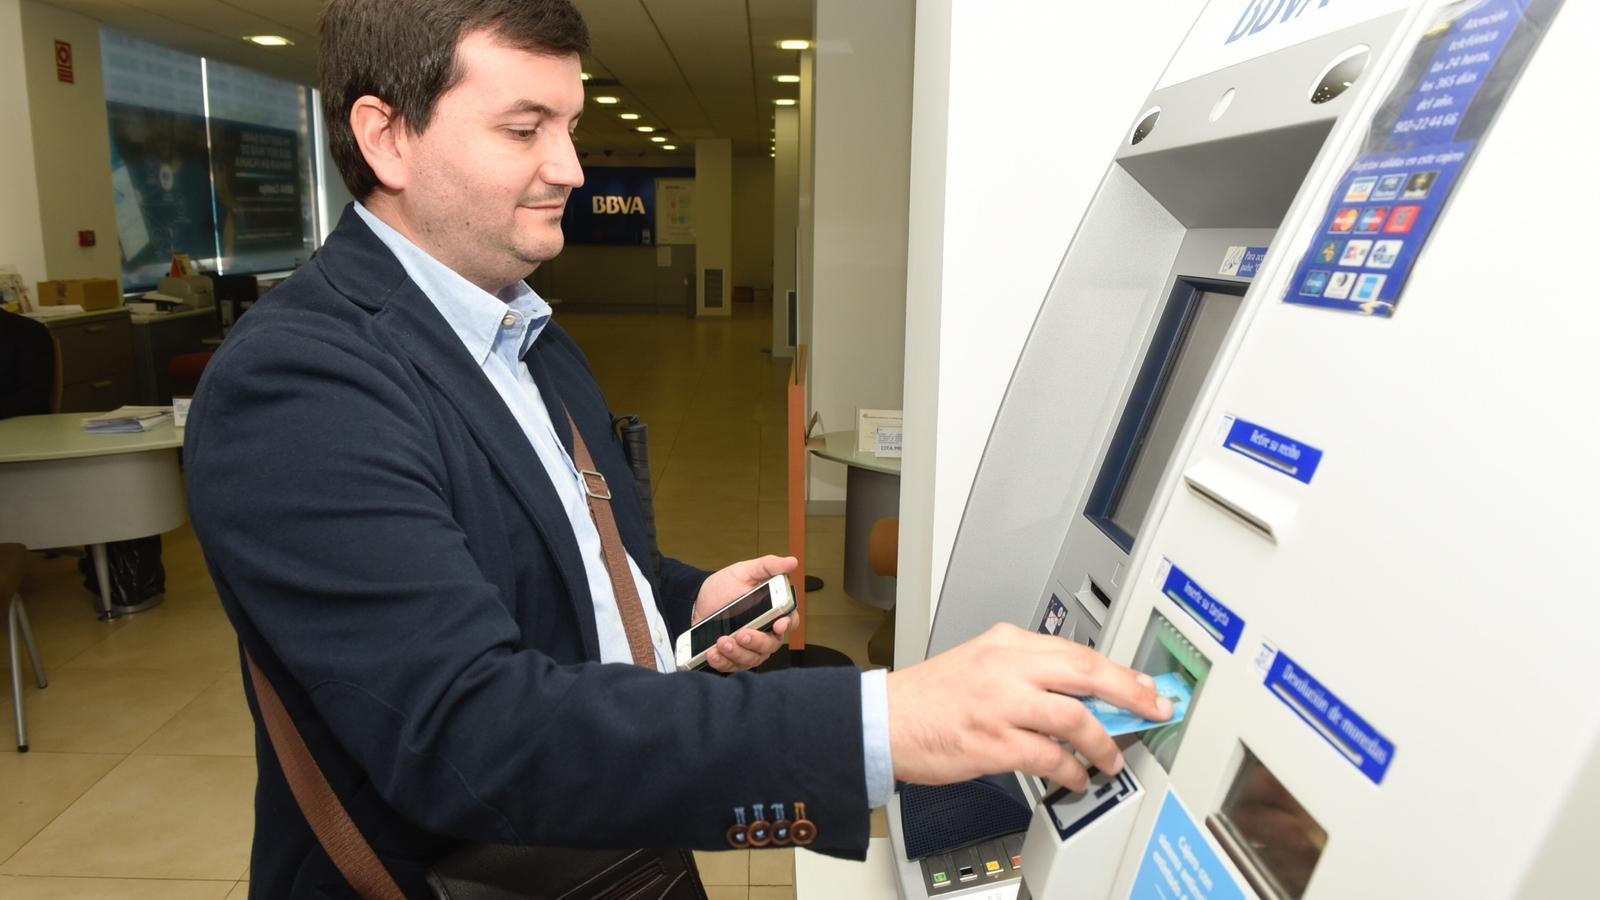 Un usuari de la nova app de BBVA en un caixer automàtic de l'entitat / BBVA